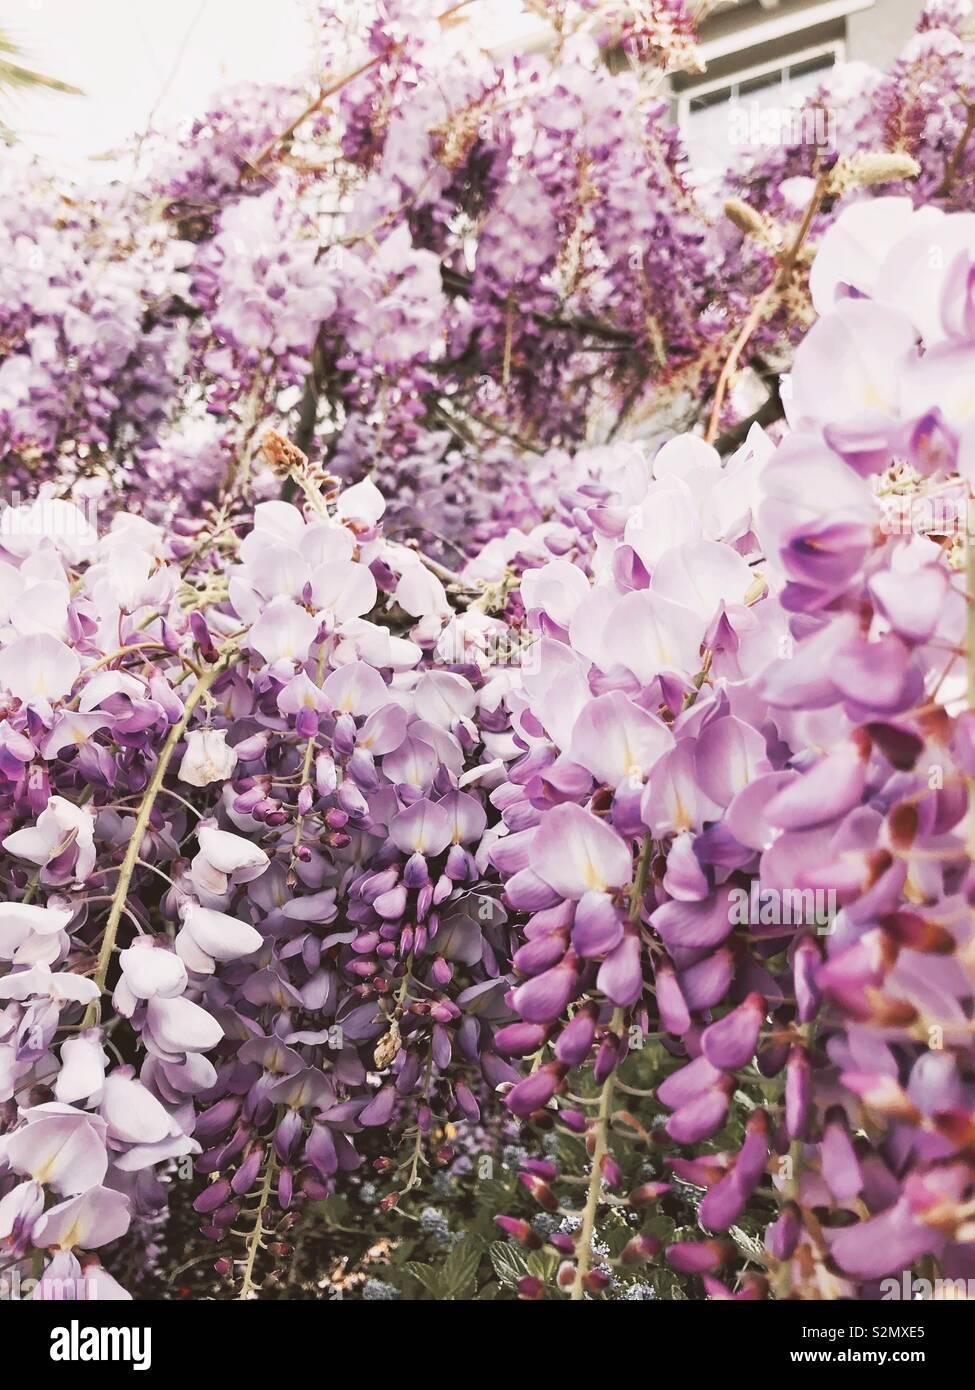 Spring flower - Stock Image